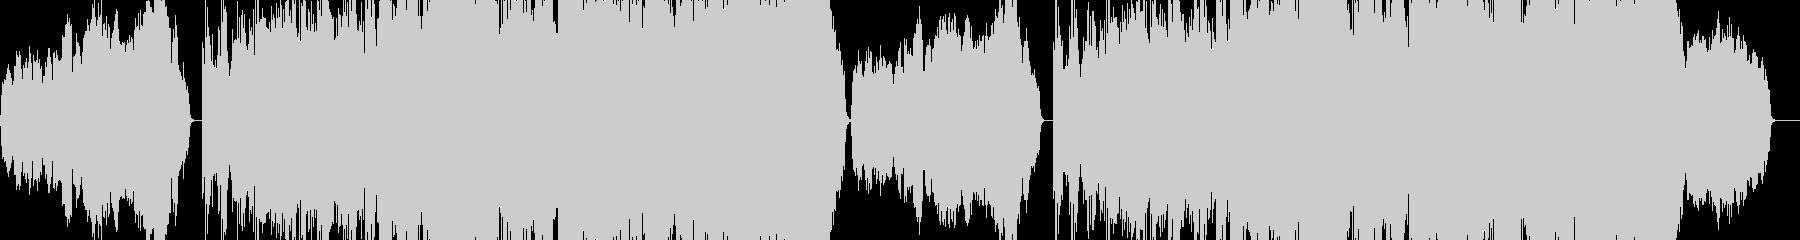 企業VP1 16bit48kHzVerの未再生の波形